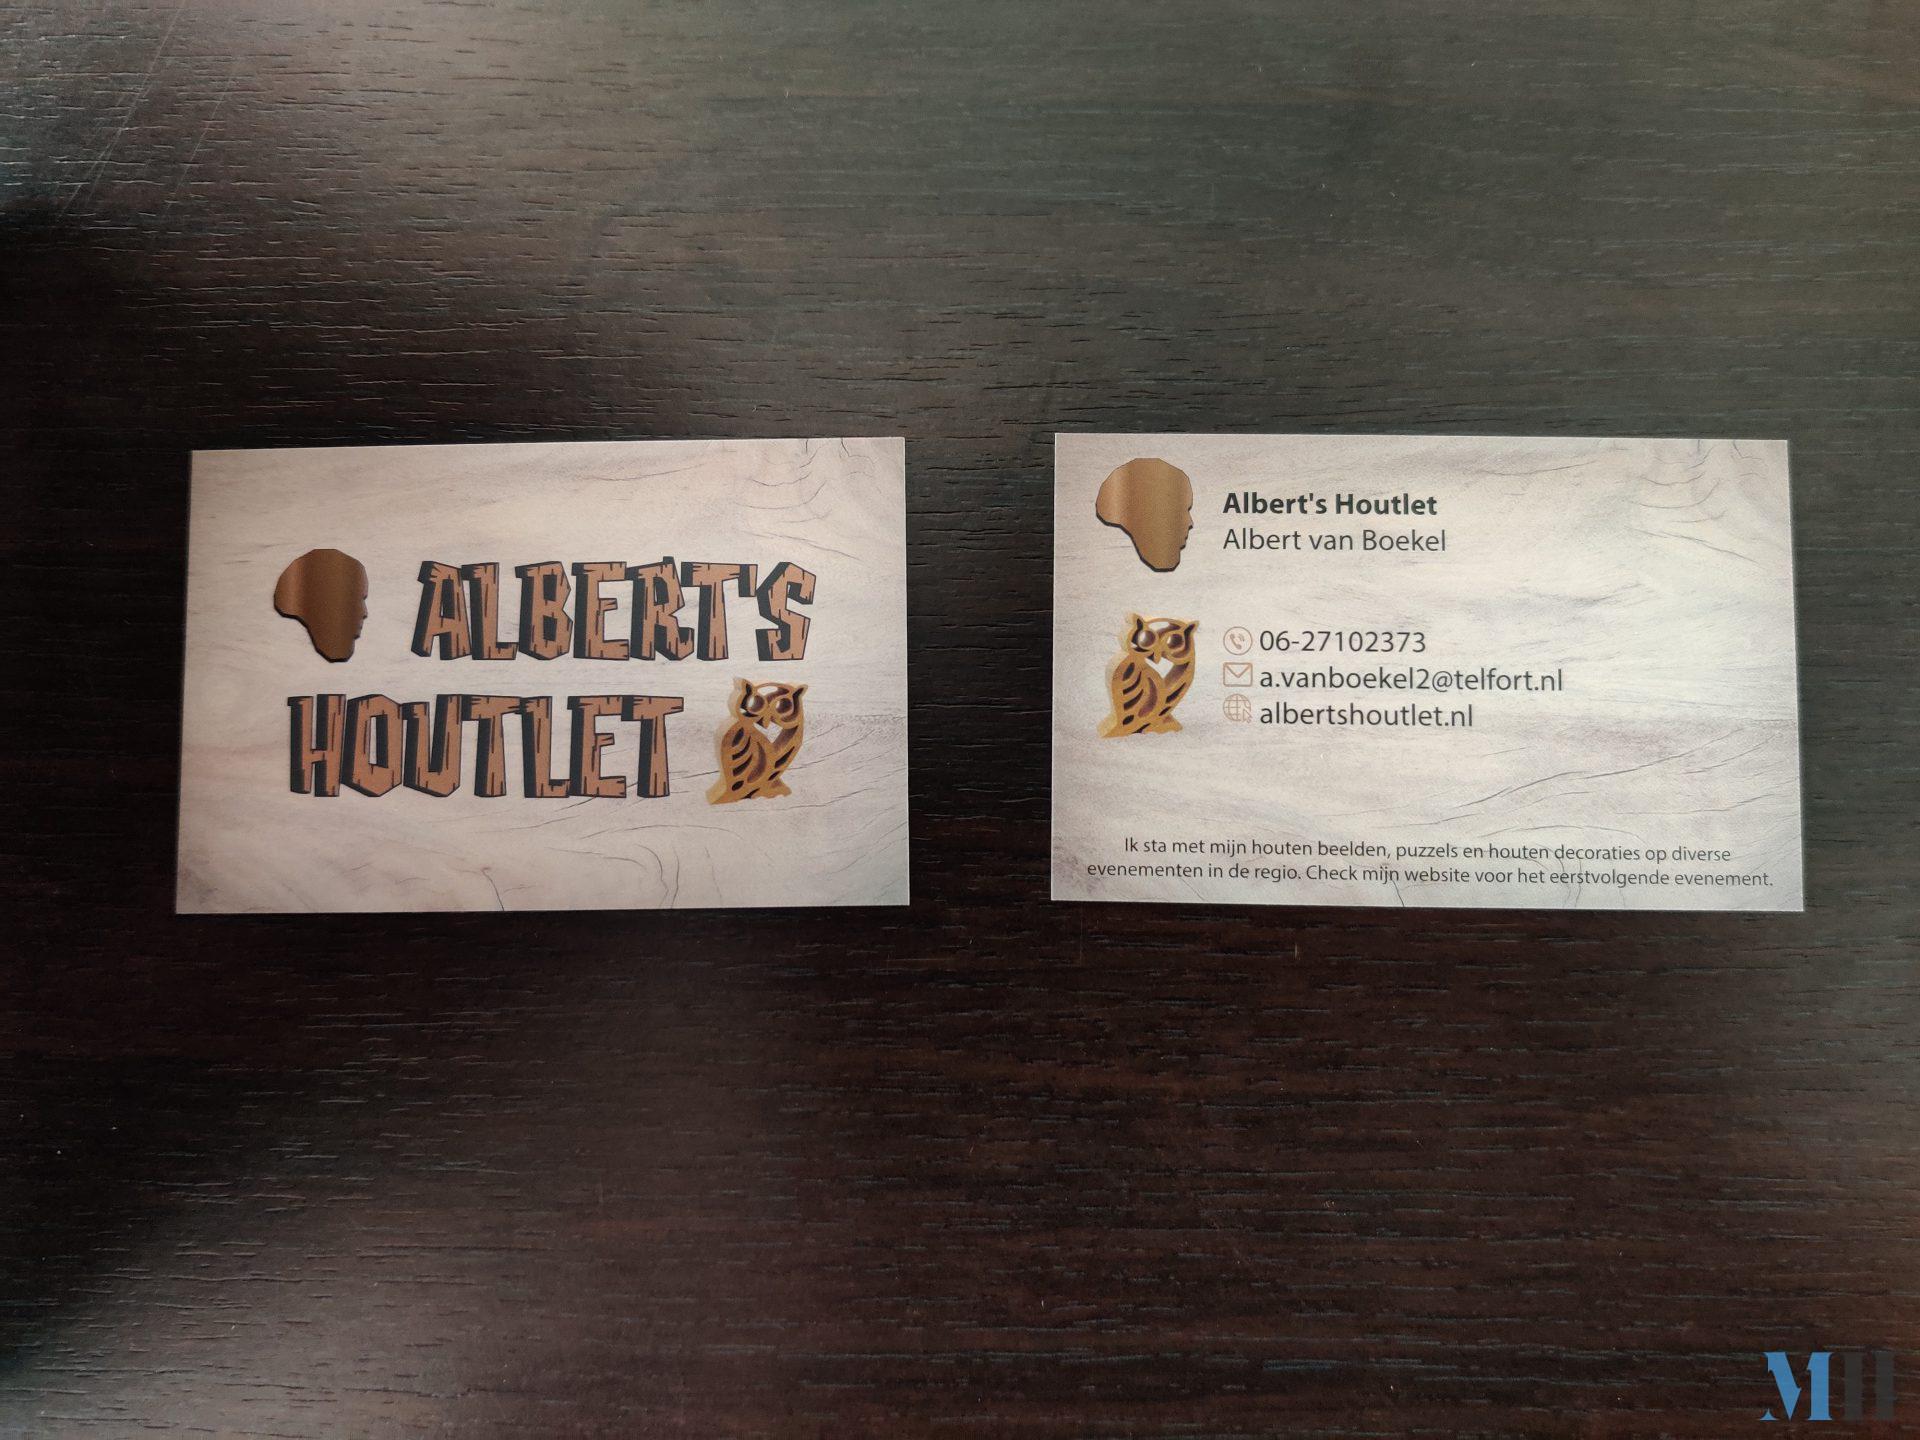 Visitekaartje Albert's Houtlet